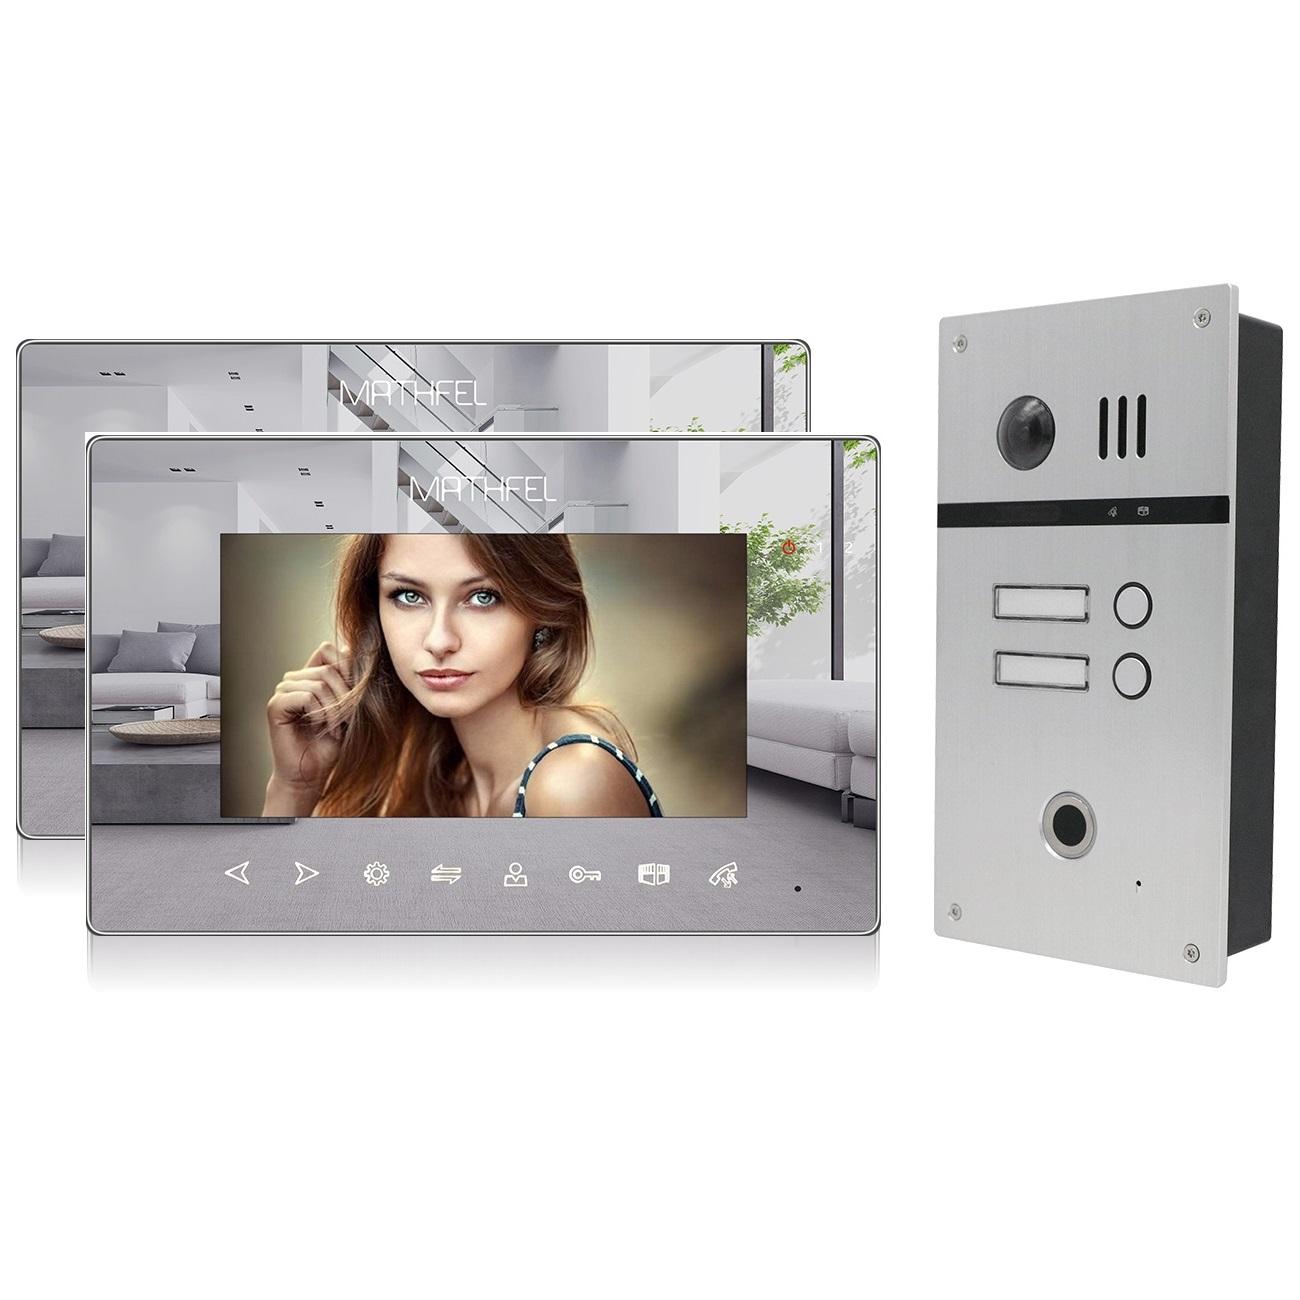 2 Draht Video T/ürsprechanlage Gegensprechanlage Fischaugenkamera 170 Grad 3x7 Monitor in wei/ß Farbe Gr/ö/ße Silber